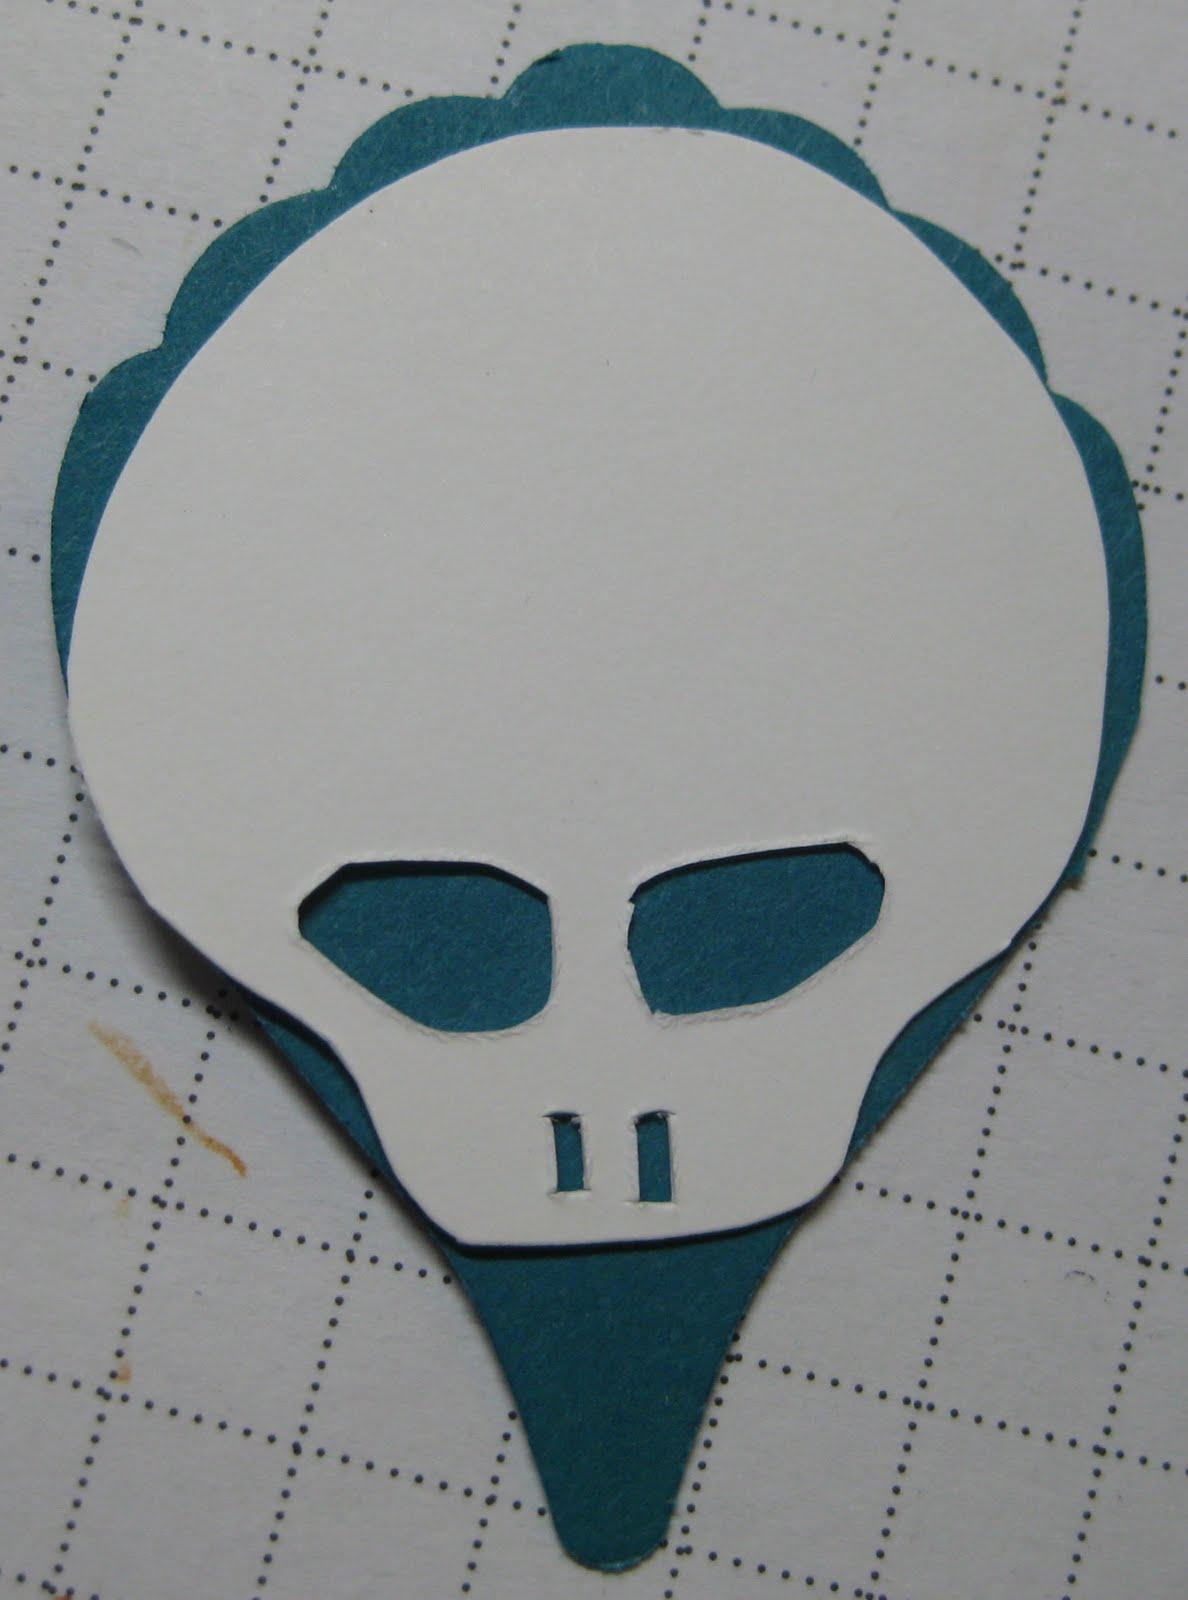 http://1.bp.blogspot.com/-mn9mlPCfSuY/To2EyNipeQI/AAAAAAAAFEU/YLO6GRgIeOY/s1600/skull1.JPG